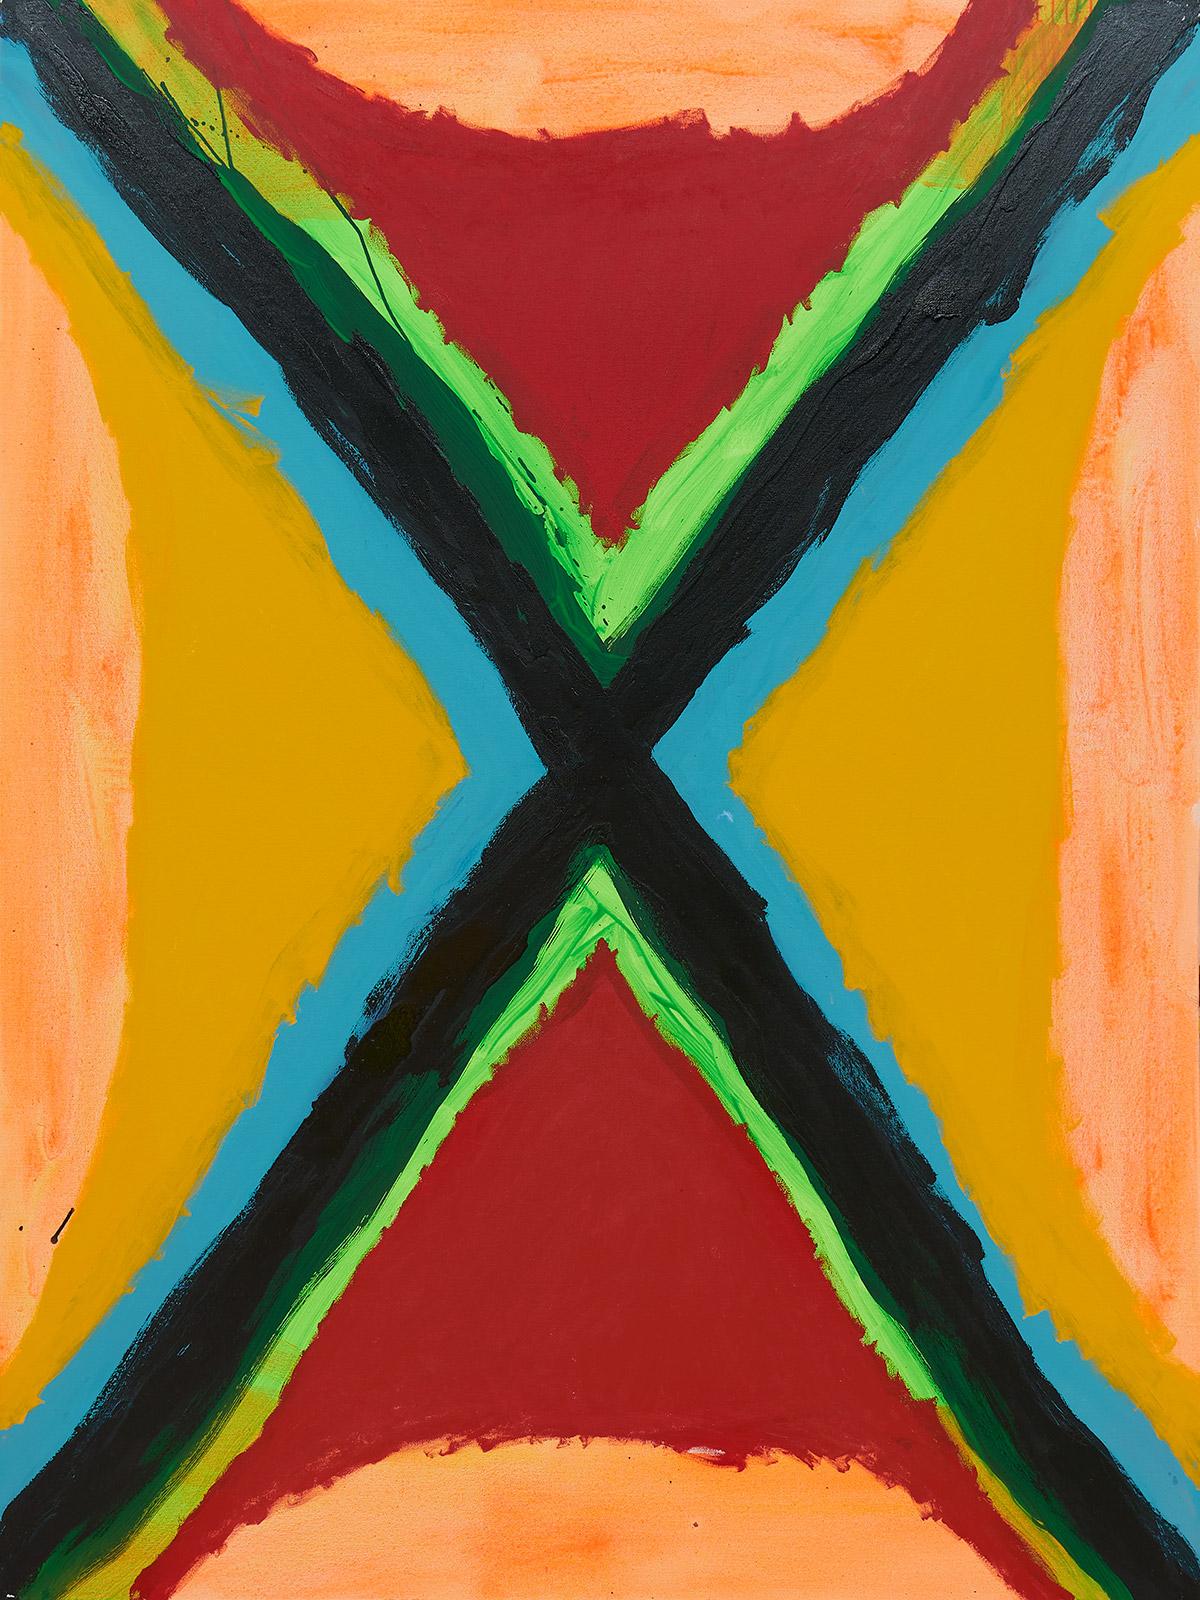 200x150 acrilico,esmalte / lienzo, 2020